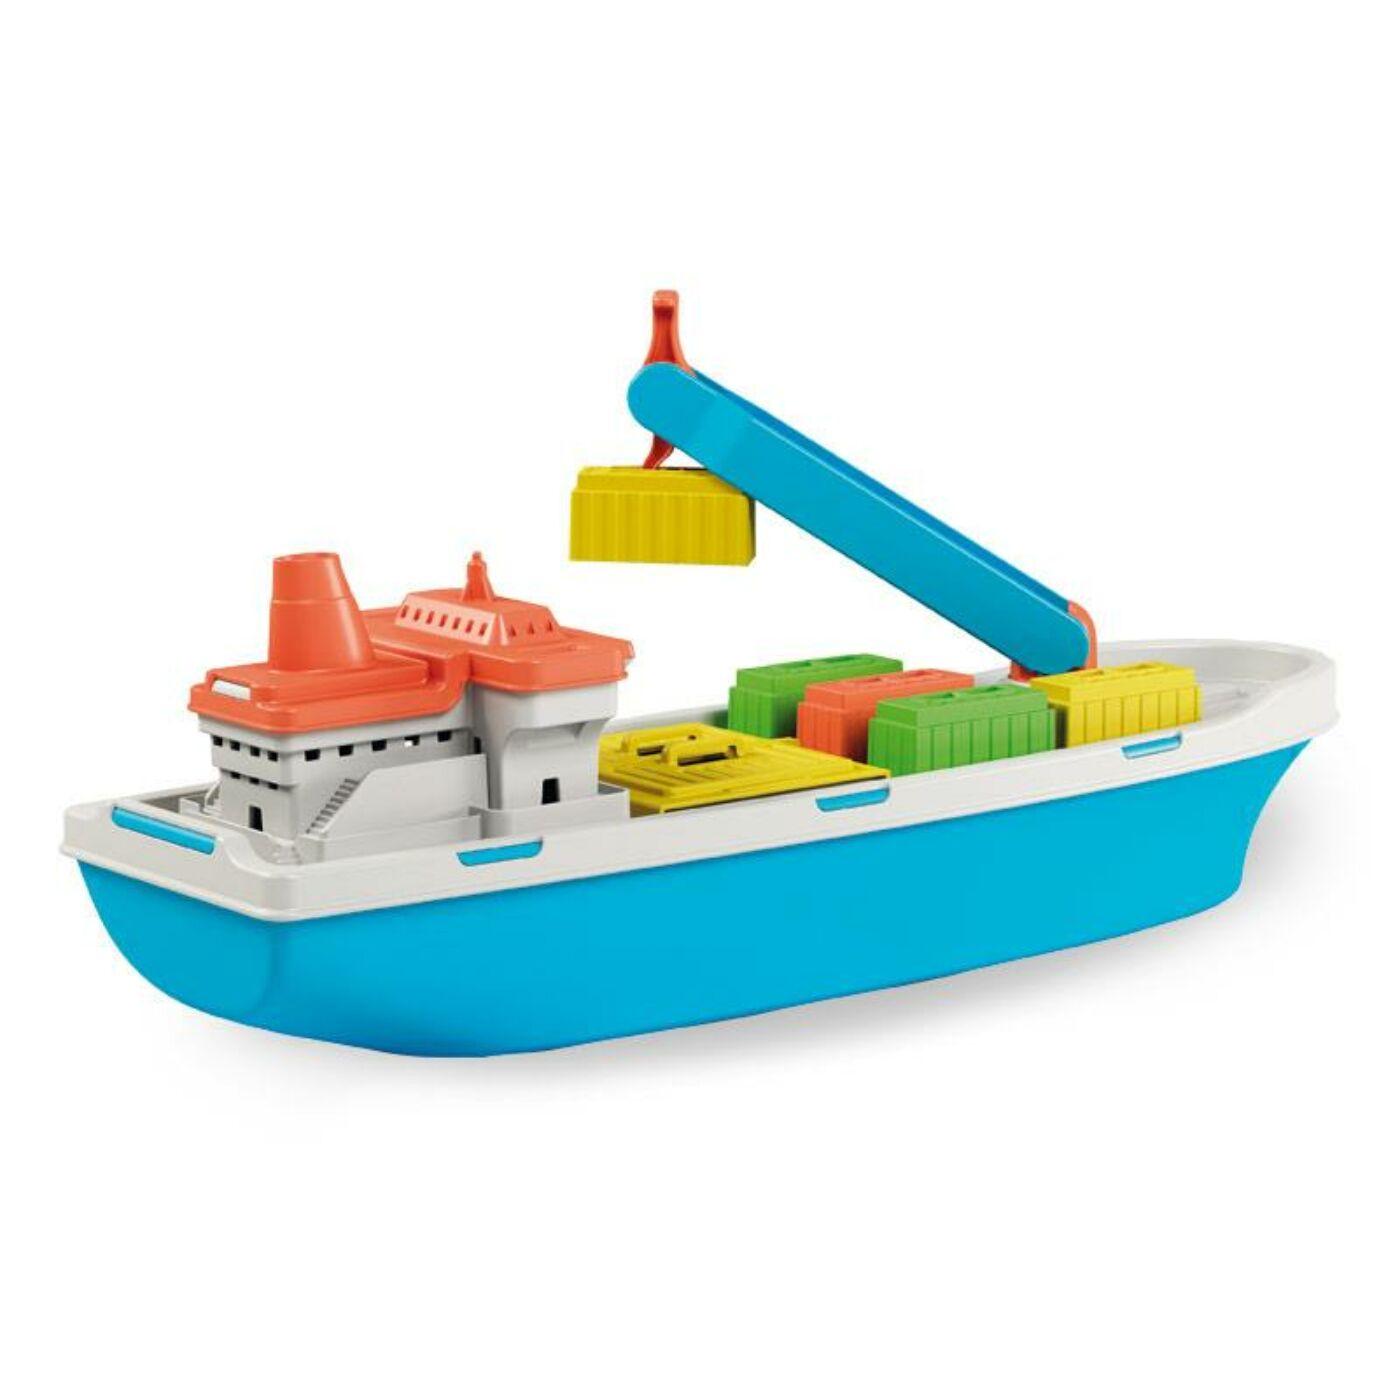 Teherszállító hajó